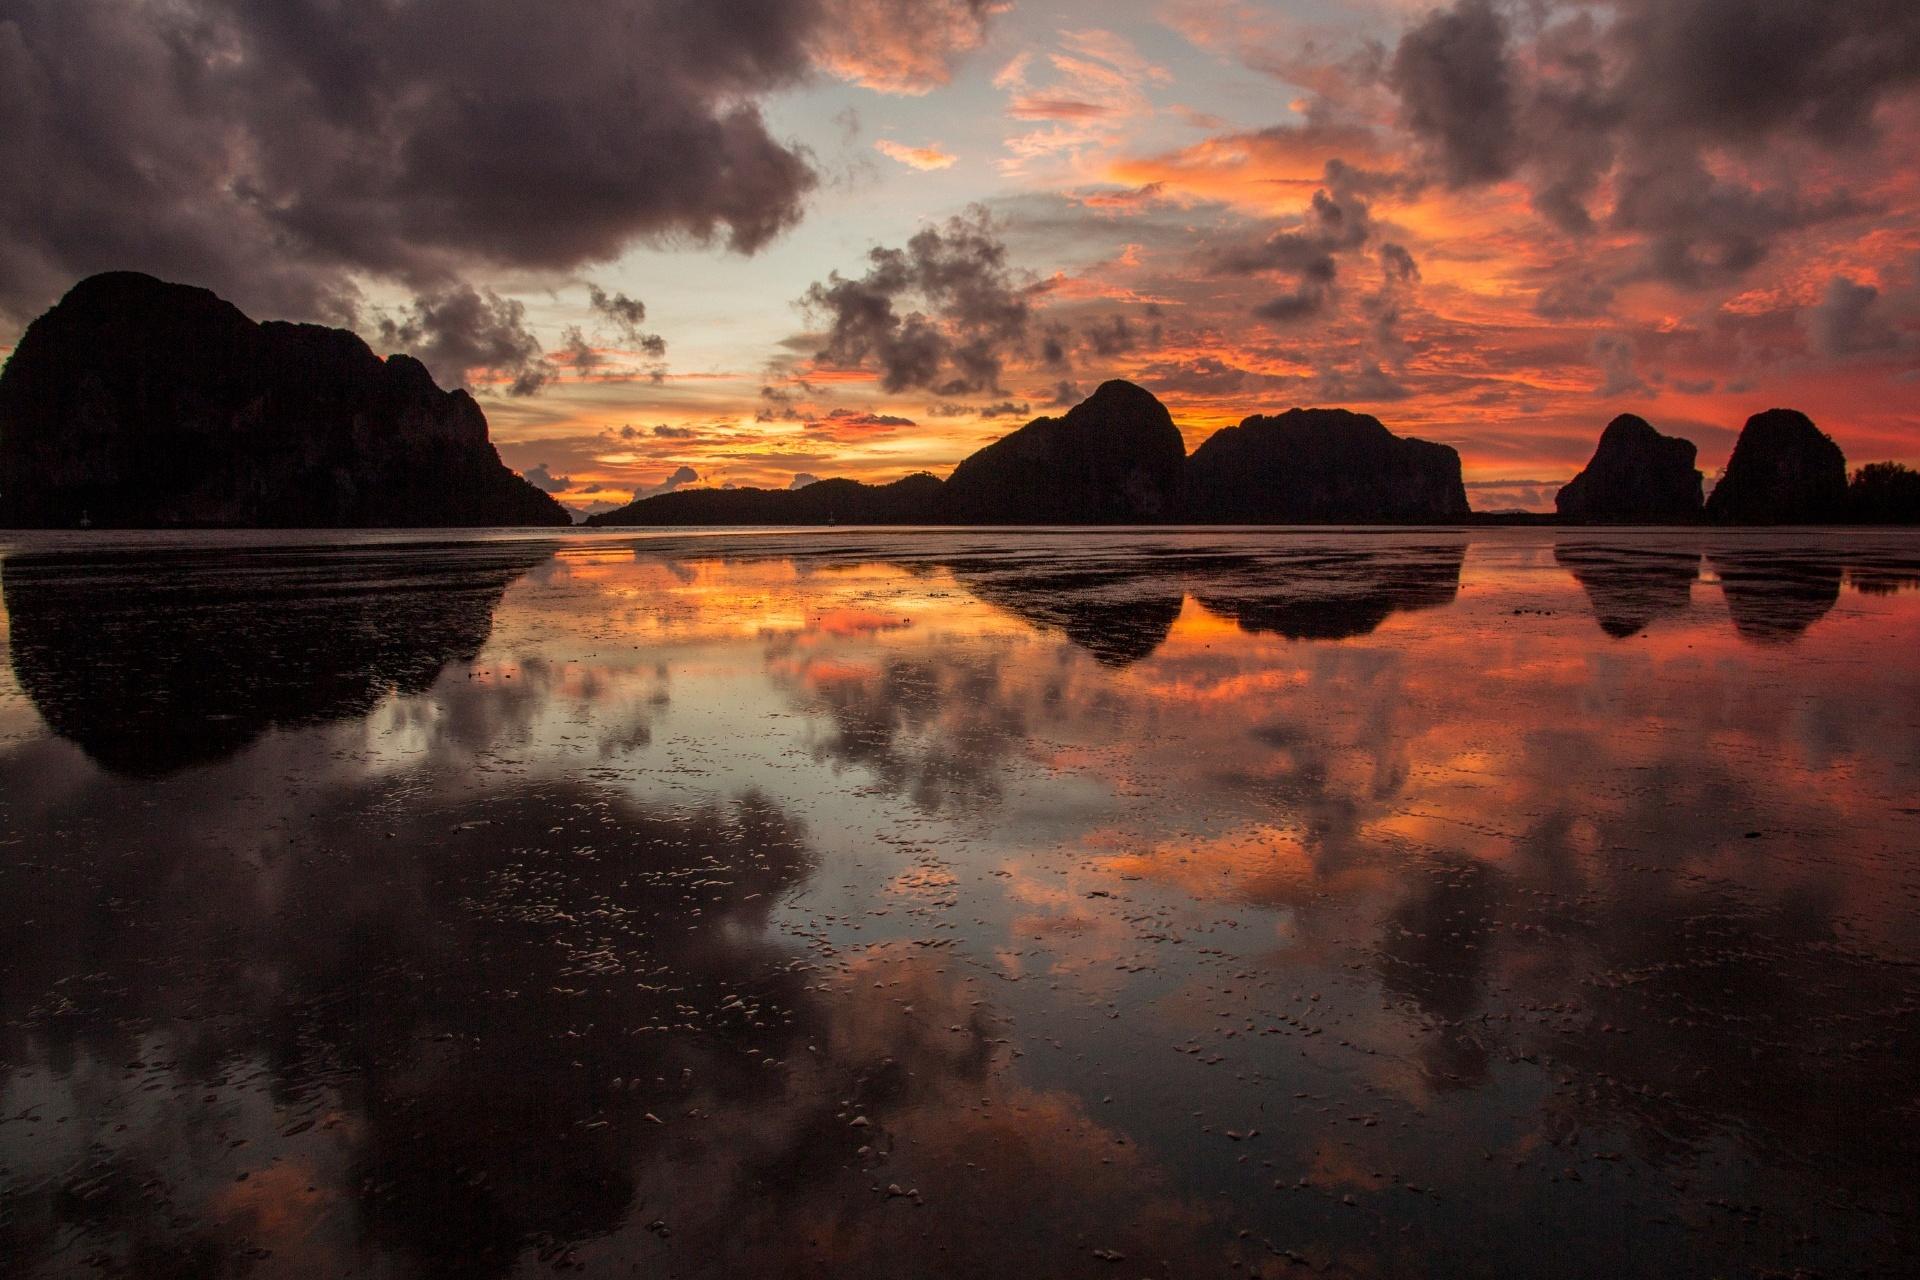 パークメン・ビーチの日の出の風景 タイの風景